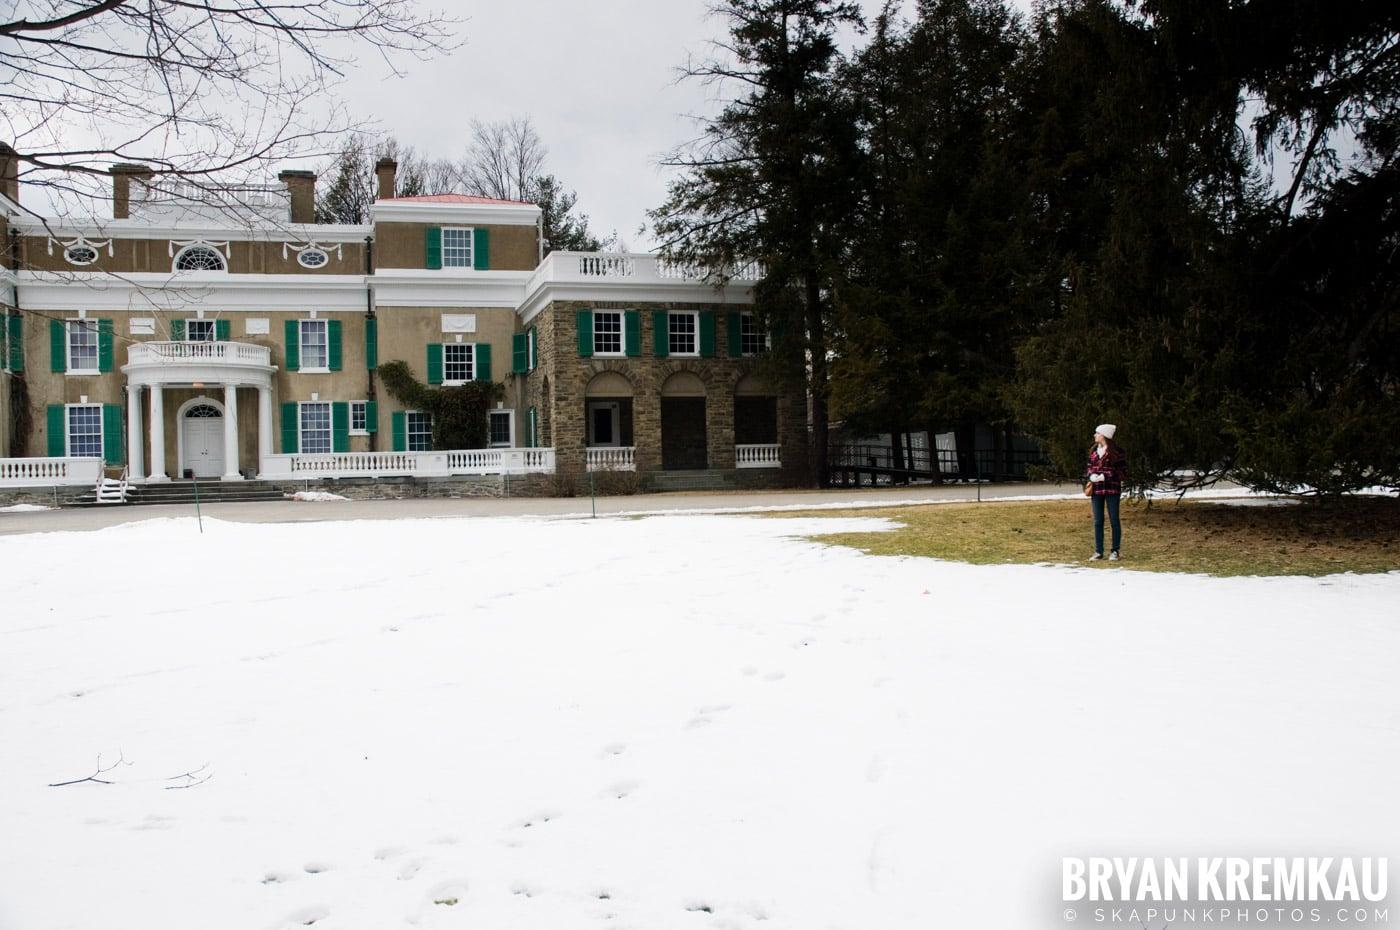 Valentine's Day Trip @ Rhinebeck, FDR's Home, Vanderbilt, Wilderstein Historic Site, NY - 2.14.10 (11)